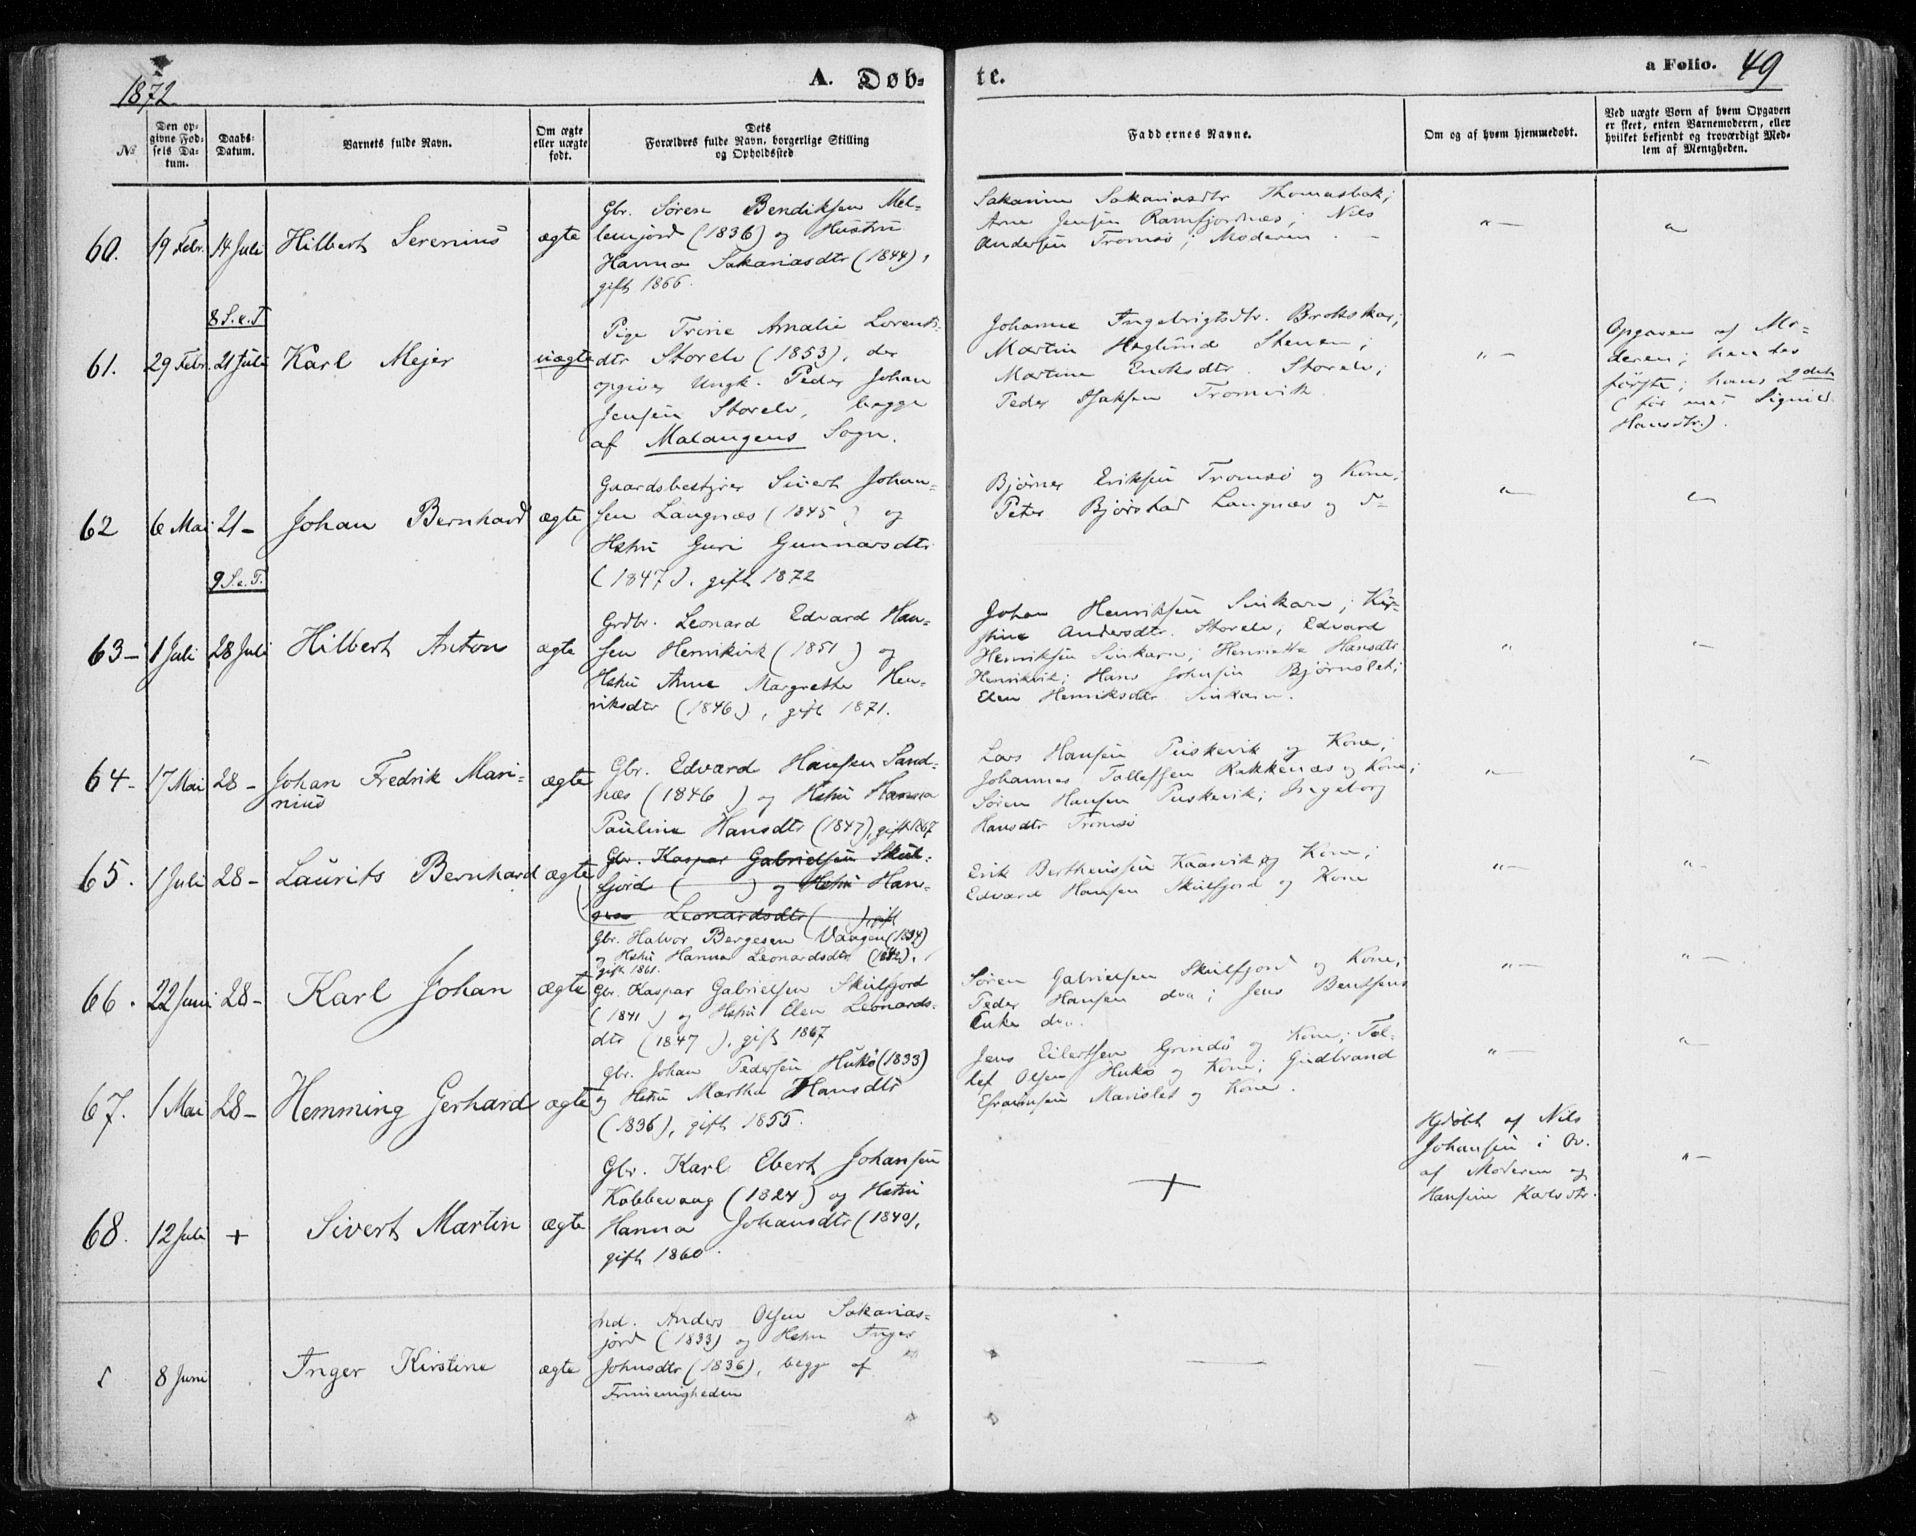 SATØ, Tromsøysund sokneprestkontor, G/Ga/L0002kirke: Ministerialbok nr. 2, 1867-1875, s. 49